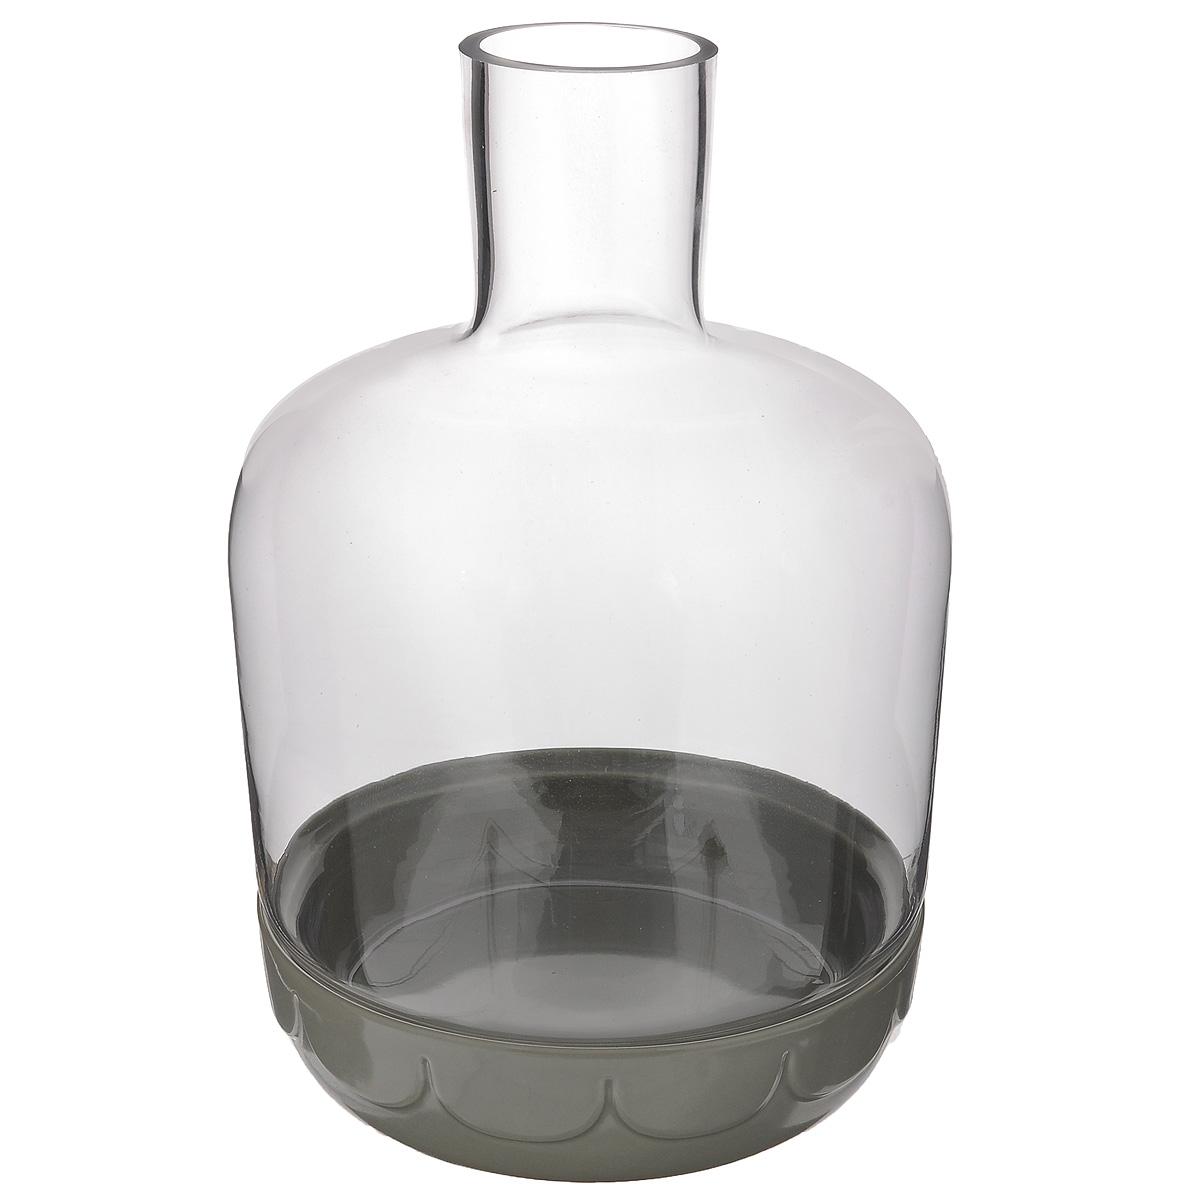 Горшок для цветов Sagaform, с крышкой, цвет: светло-серый, диаметр 19,5 см5016666Цветочный горшок Sagaform выполнен из высококачественной керамики и предназначен для выращивания в нем цветов, растений и трав. Горшок оснащен стеклянной крышкой-куполом. Такой горшок порадует вас современным дизайном и функциональностью, а также оригинально украсит интерьер помещения. Диаметр горшка: 19,5 см. Высота горшка (с учетом крышки): 30,5 см. Высота горшка (без учета крышки): 5,5 см.